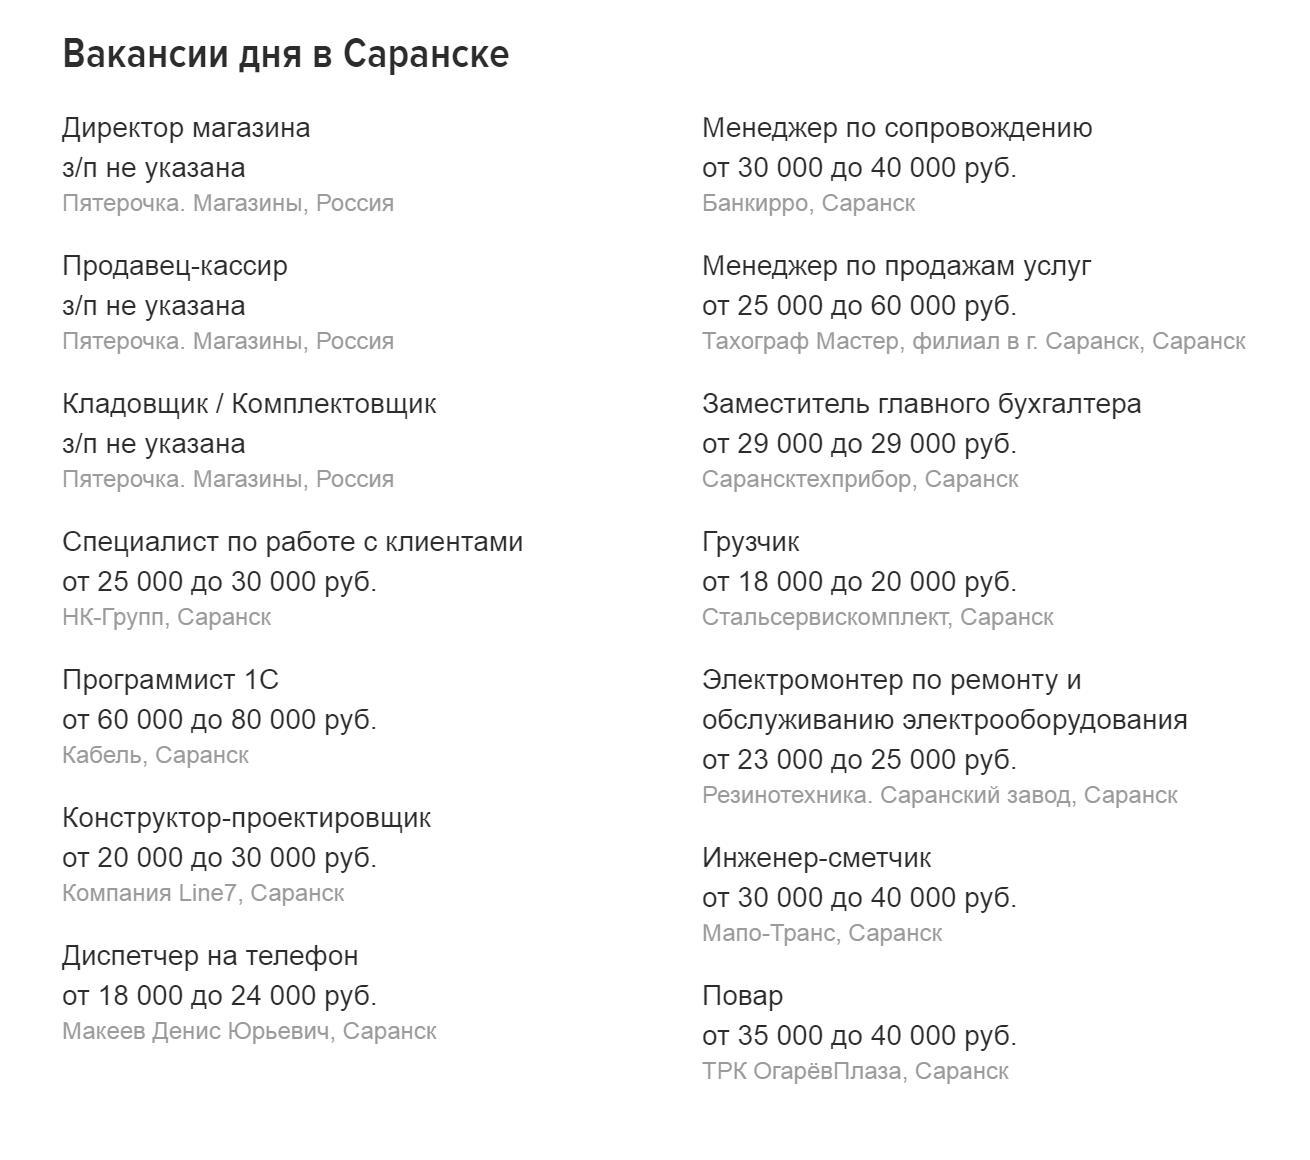 «Хедхантер» предлагает вакансии в Саранске с зарплатой от 15 000<span class=ruble>Р</span> до 70 000<span class=ruble>Р</span>